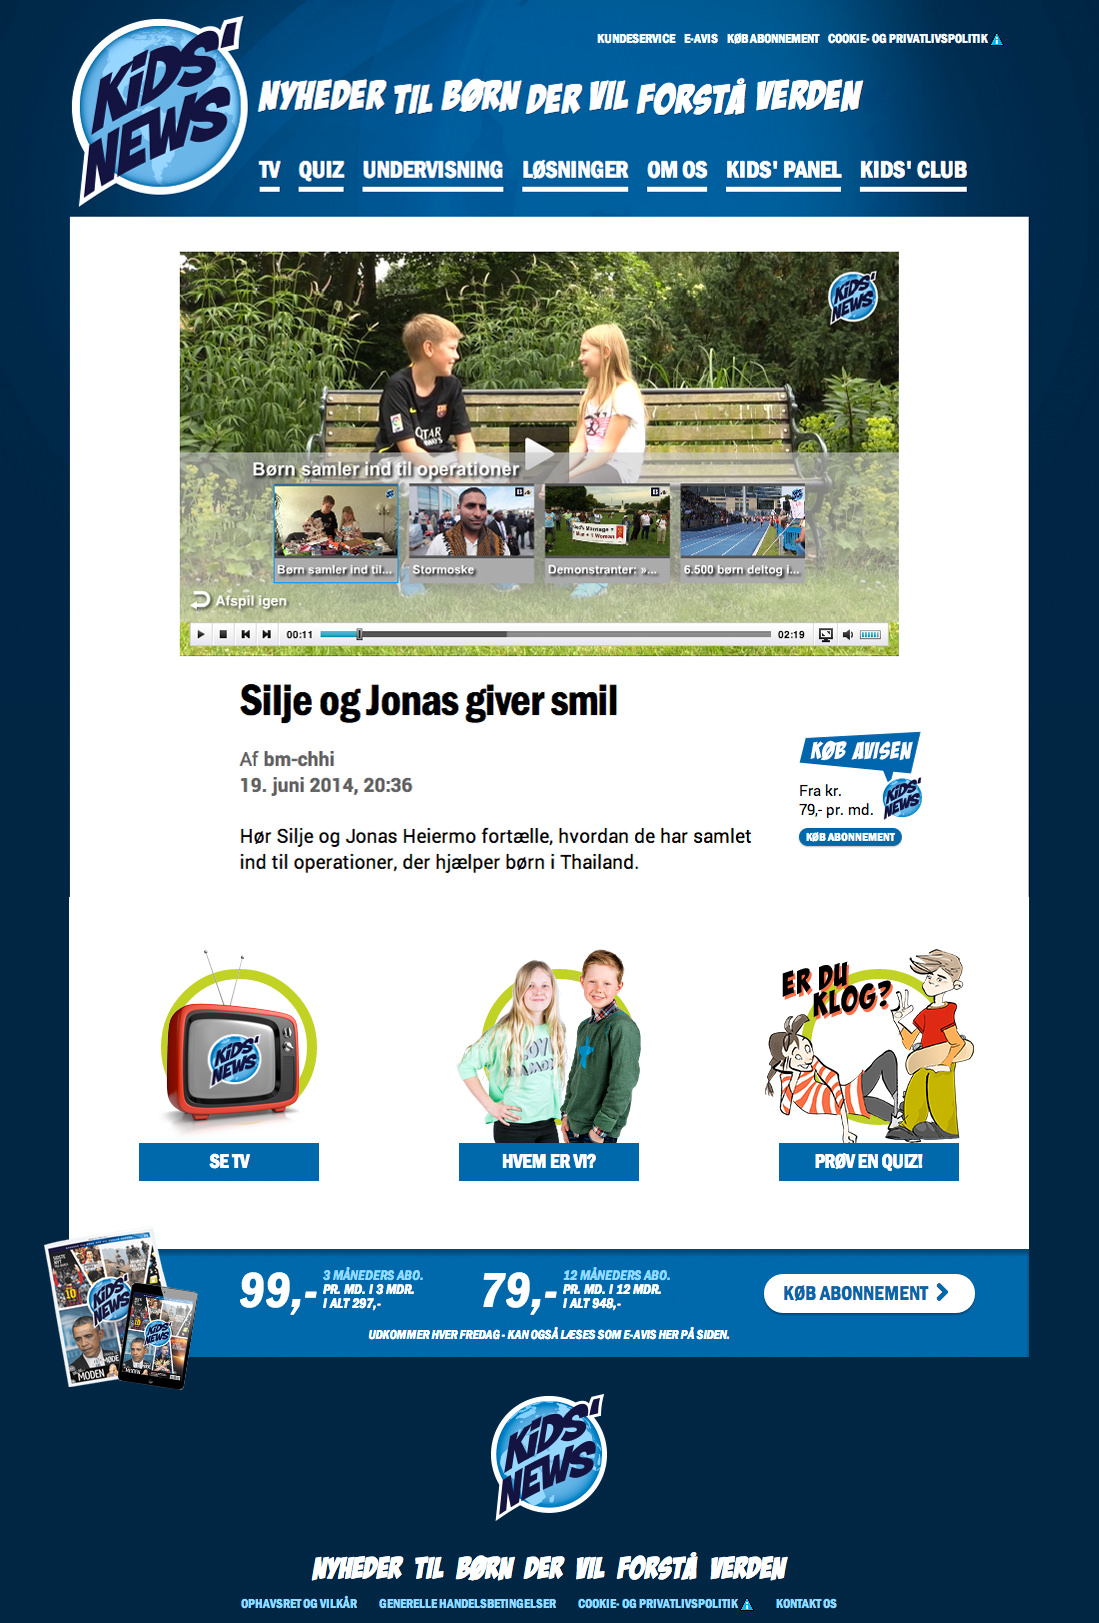 www.kidsnews.dk – Denmark (online)